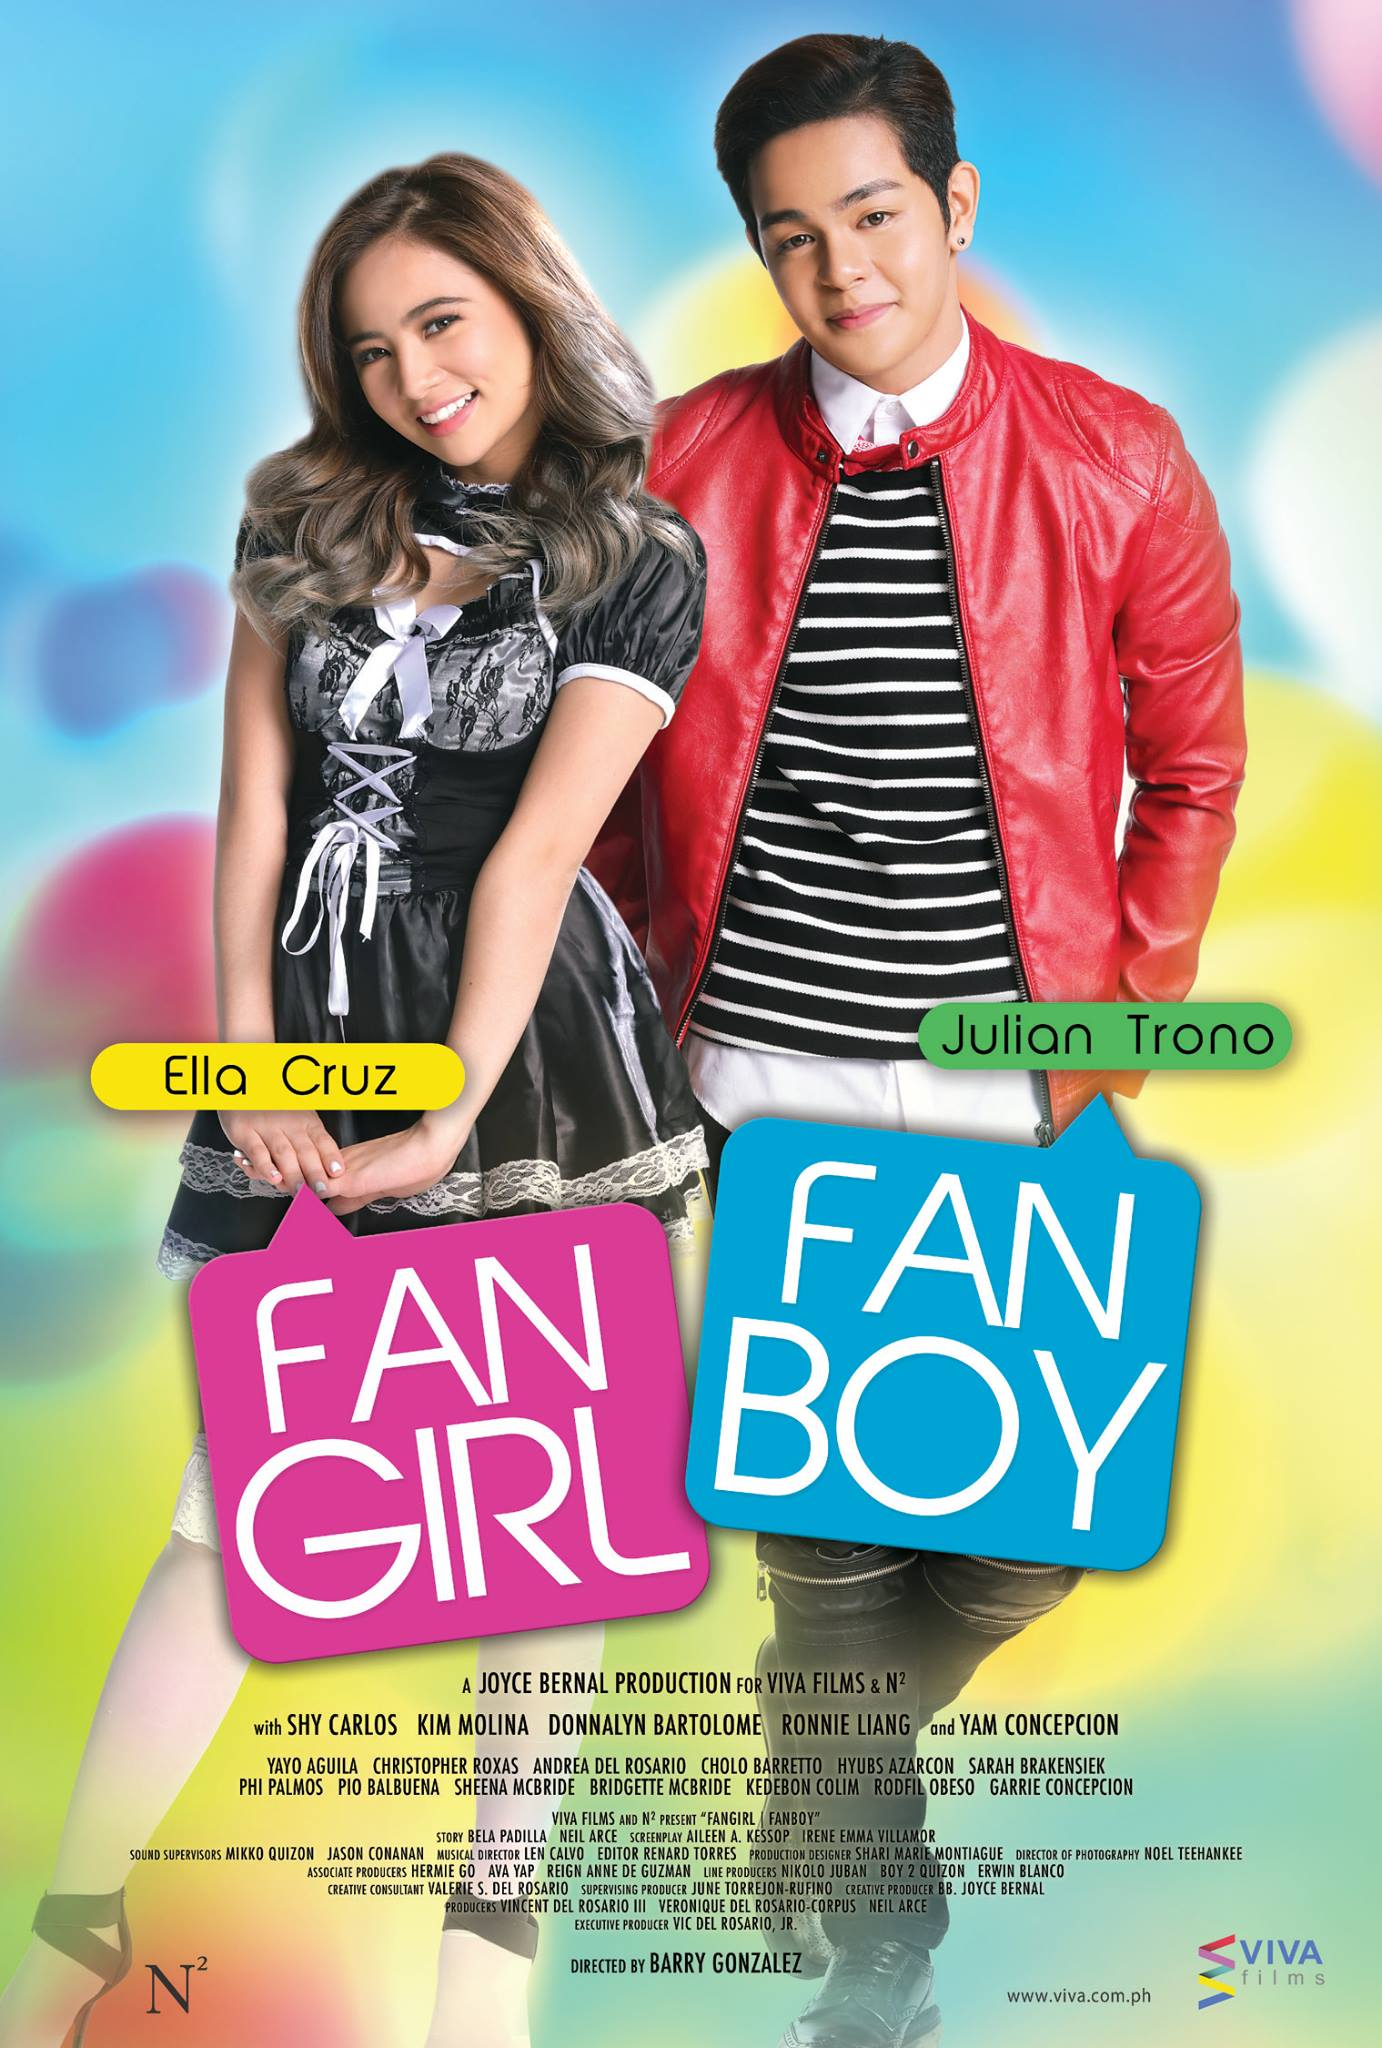 Ella Cruz and Julian Trono in Fangirl Fanboy (2017)